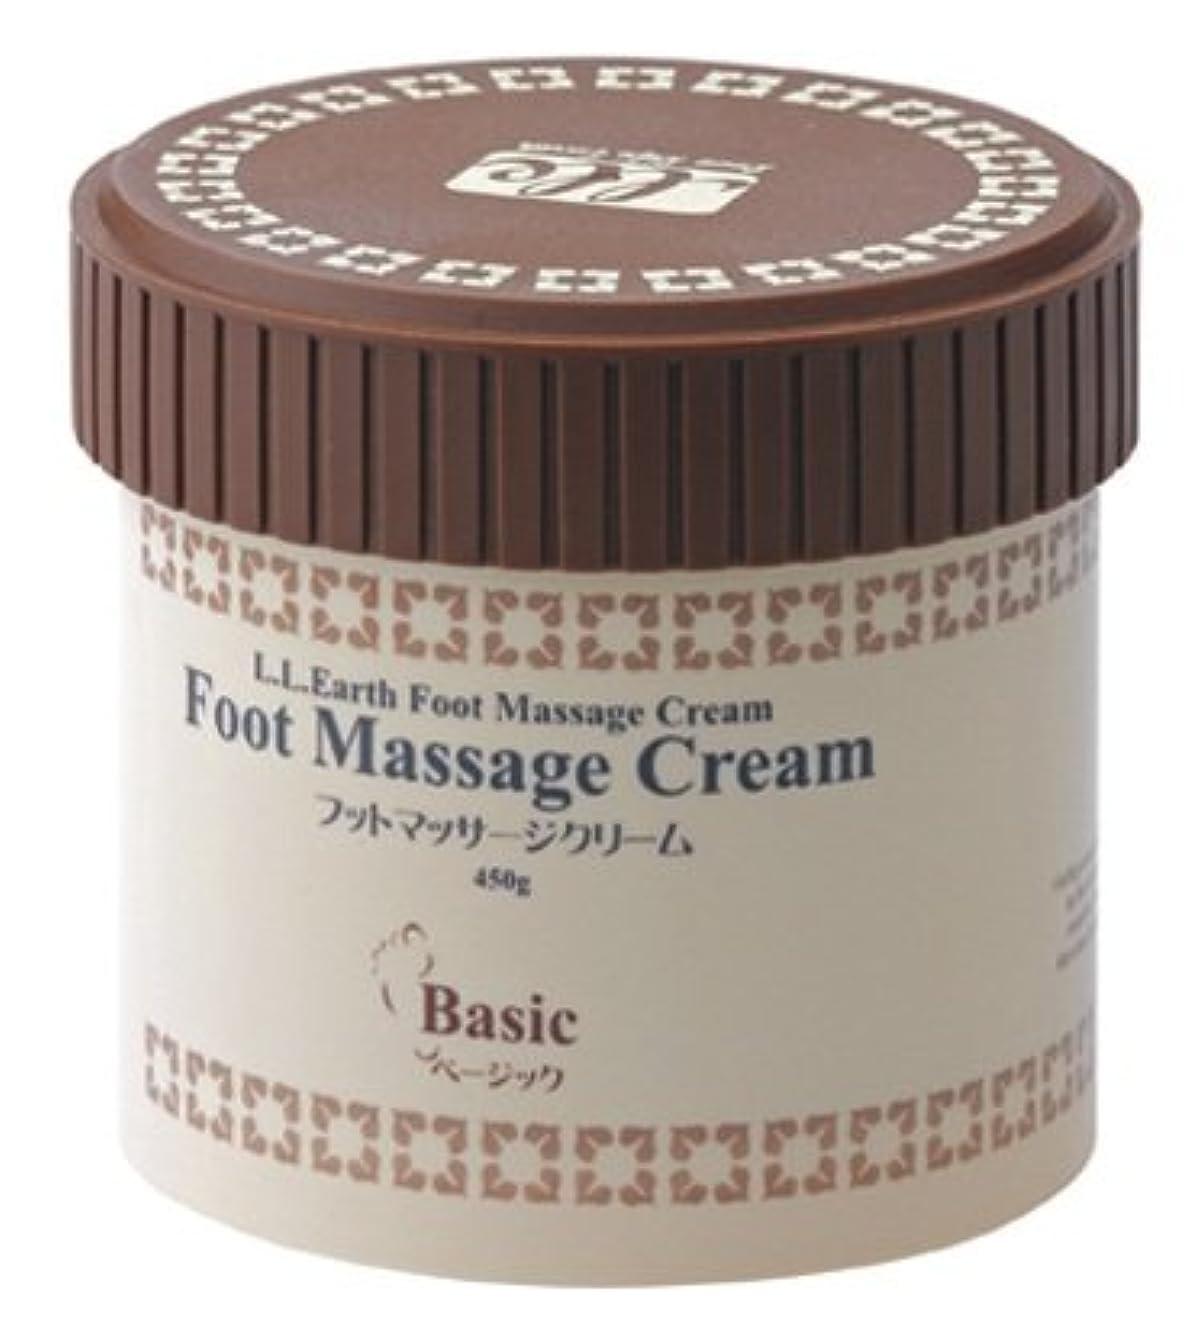 恩赦ペルセウス海洋のLLE 業務用 フットマッサージクリーム 450g [香り2種類] (フットマッサージ専用) ベーシック